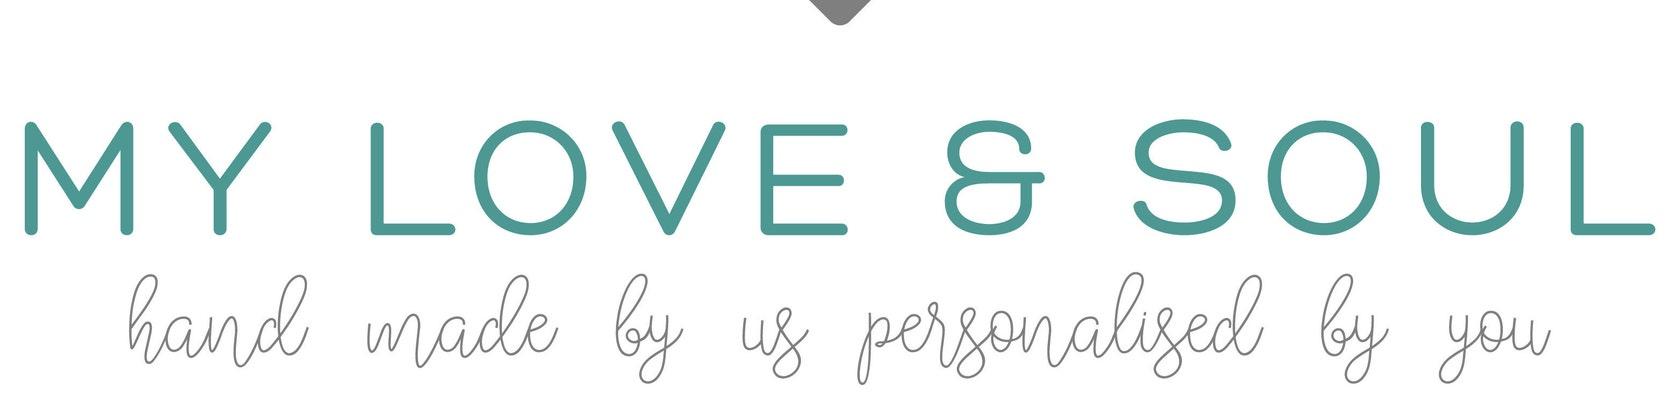 personalized leather bracelets by myloveandsoul on etsy